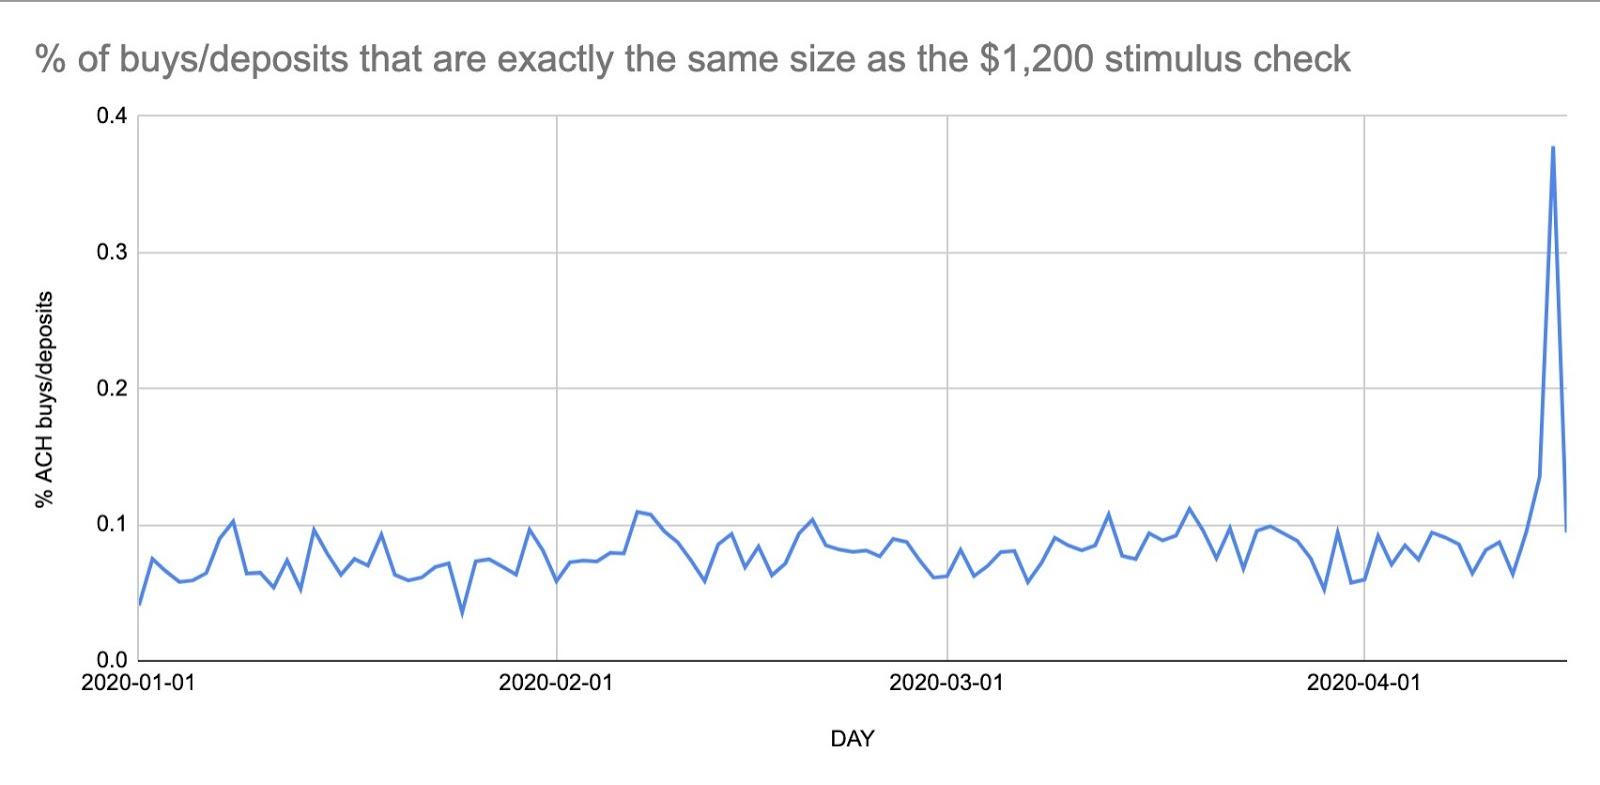 Percentuale di acquisti e depositi dal valore di 1.200$